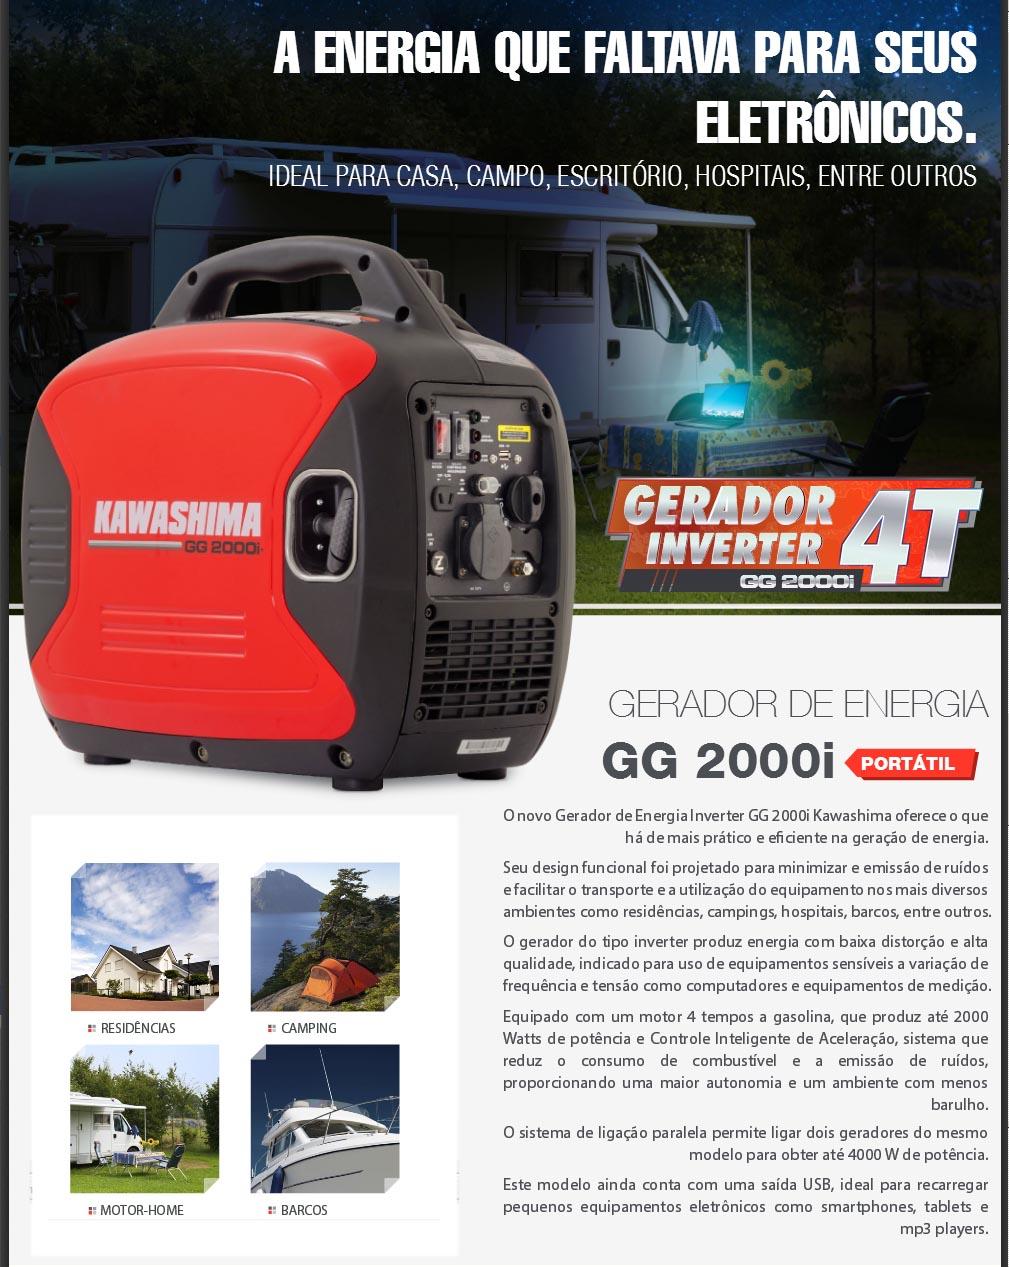 Gerador de Energia a Gasolina 2,3kW 127V Kawashima GG 2000i